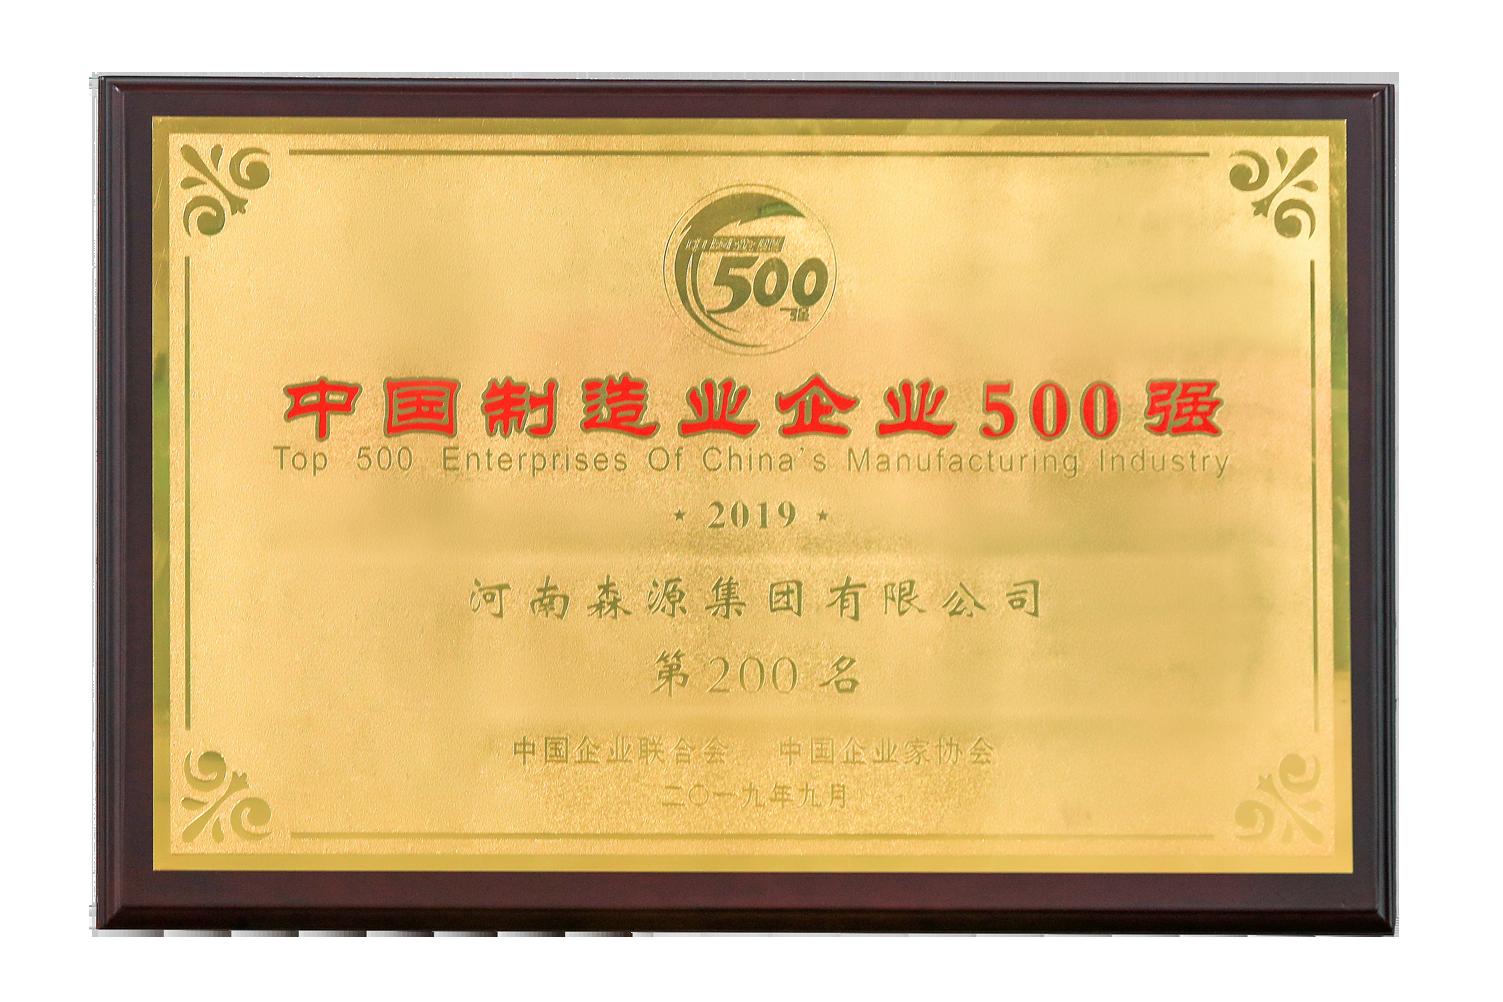 2019中国制造业企业500强200名奖牌